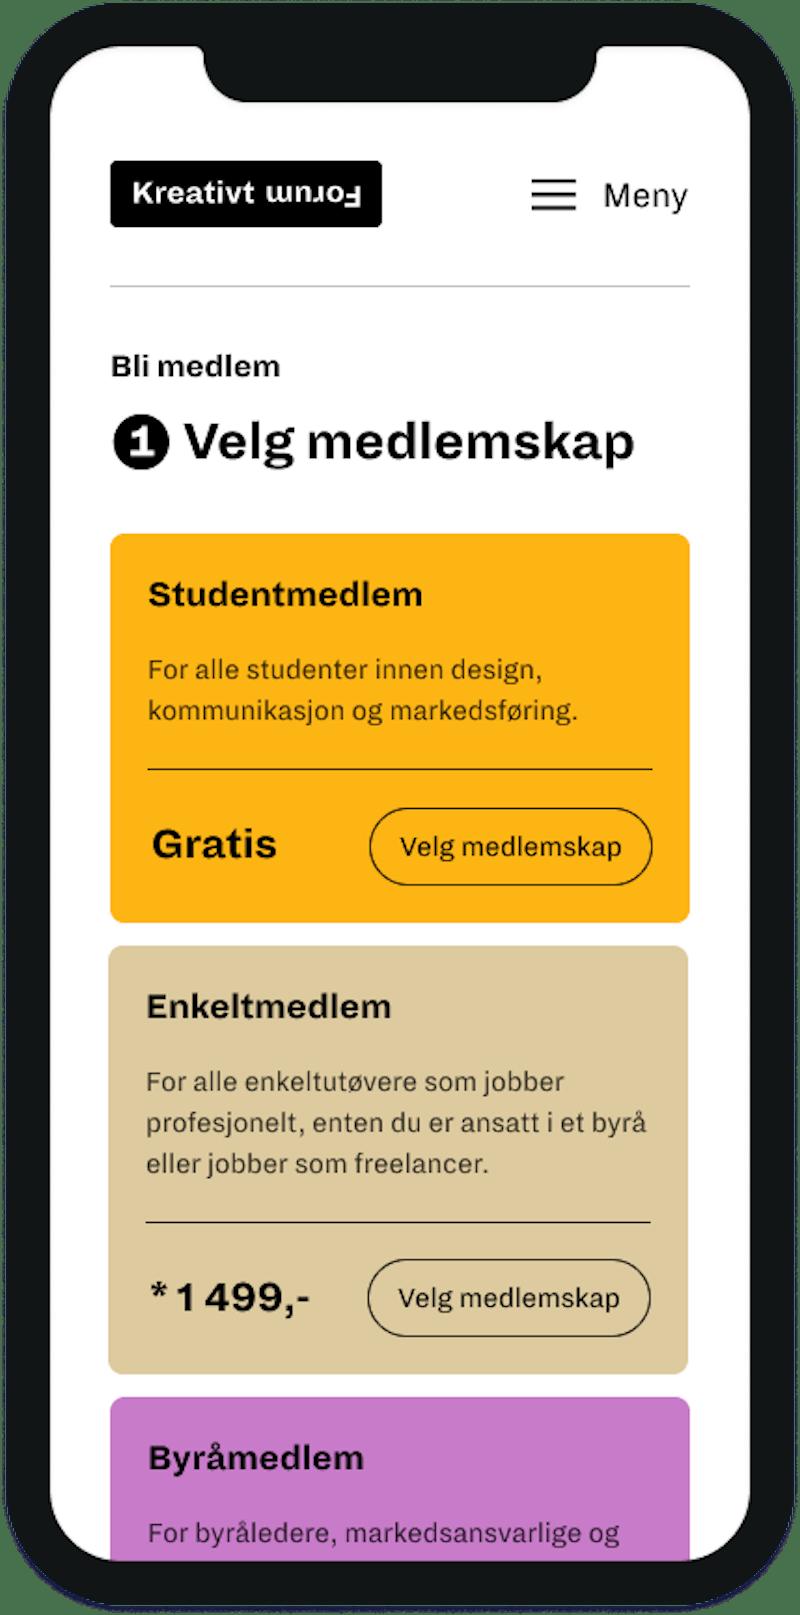 Kf Nettside mobile3